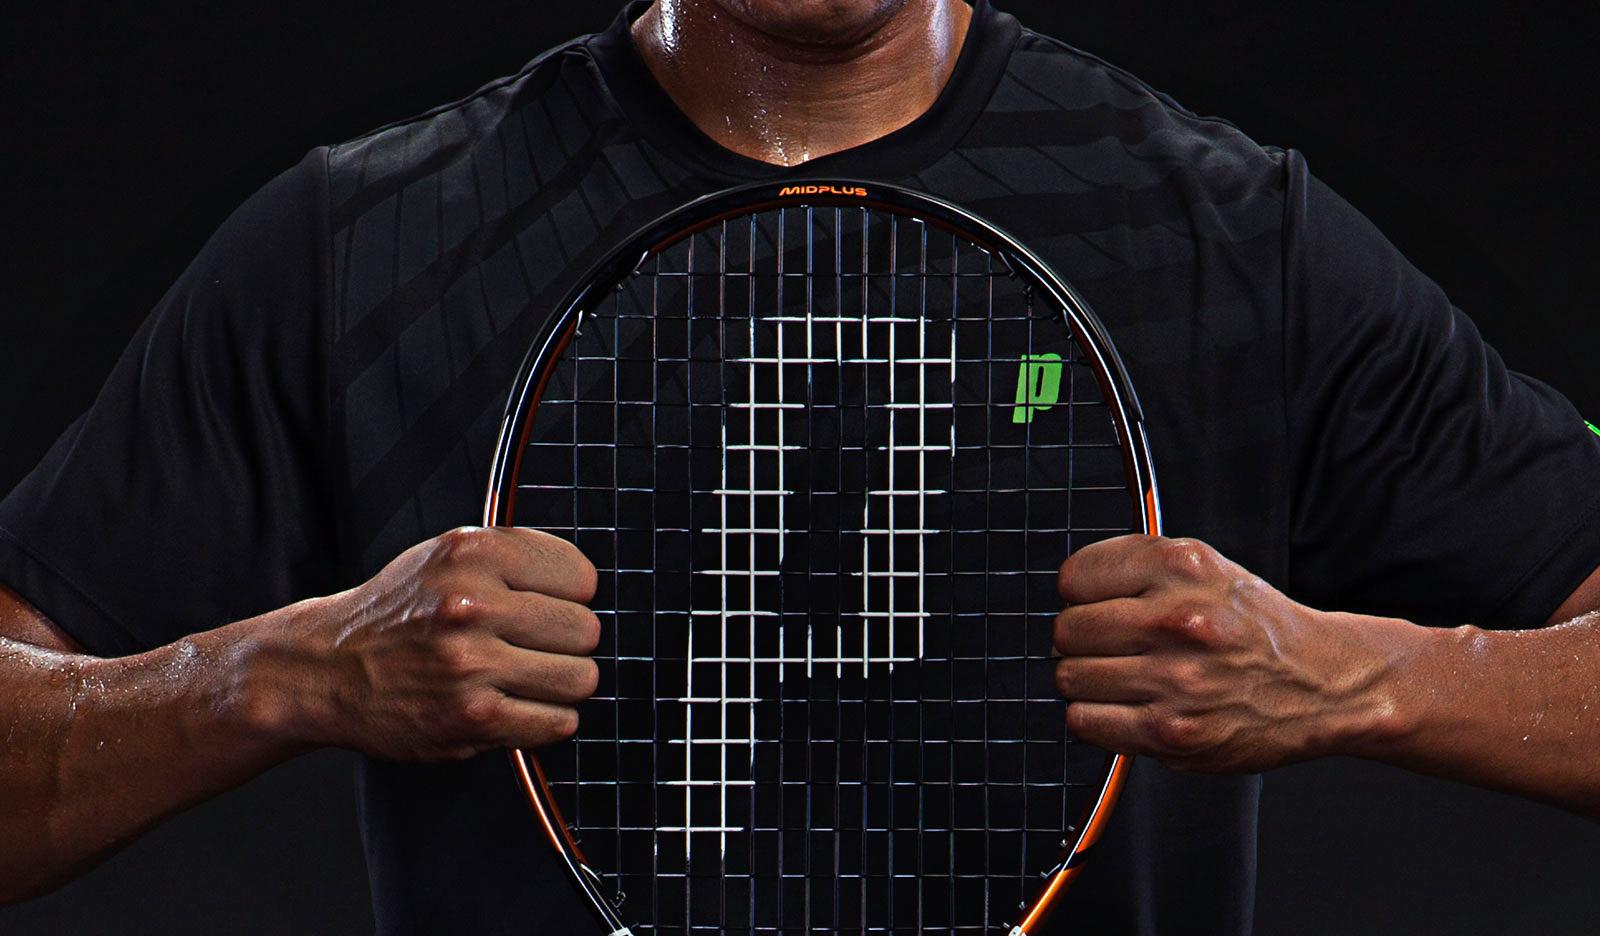 Finde das ideale Saitenbild für deinen Tennisschläger